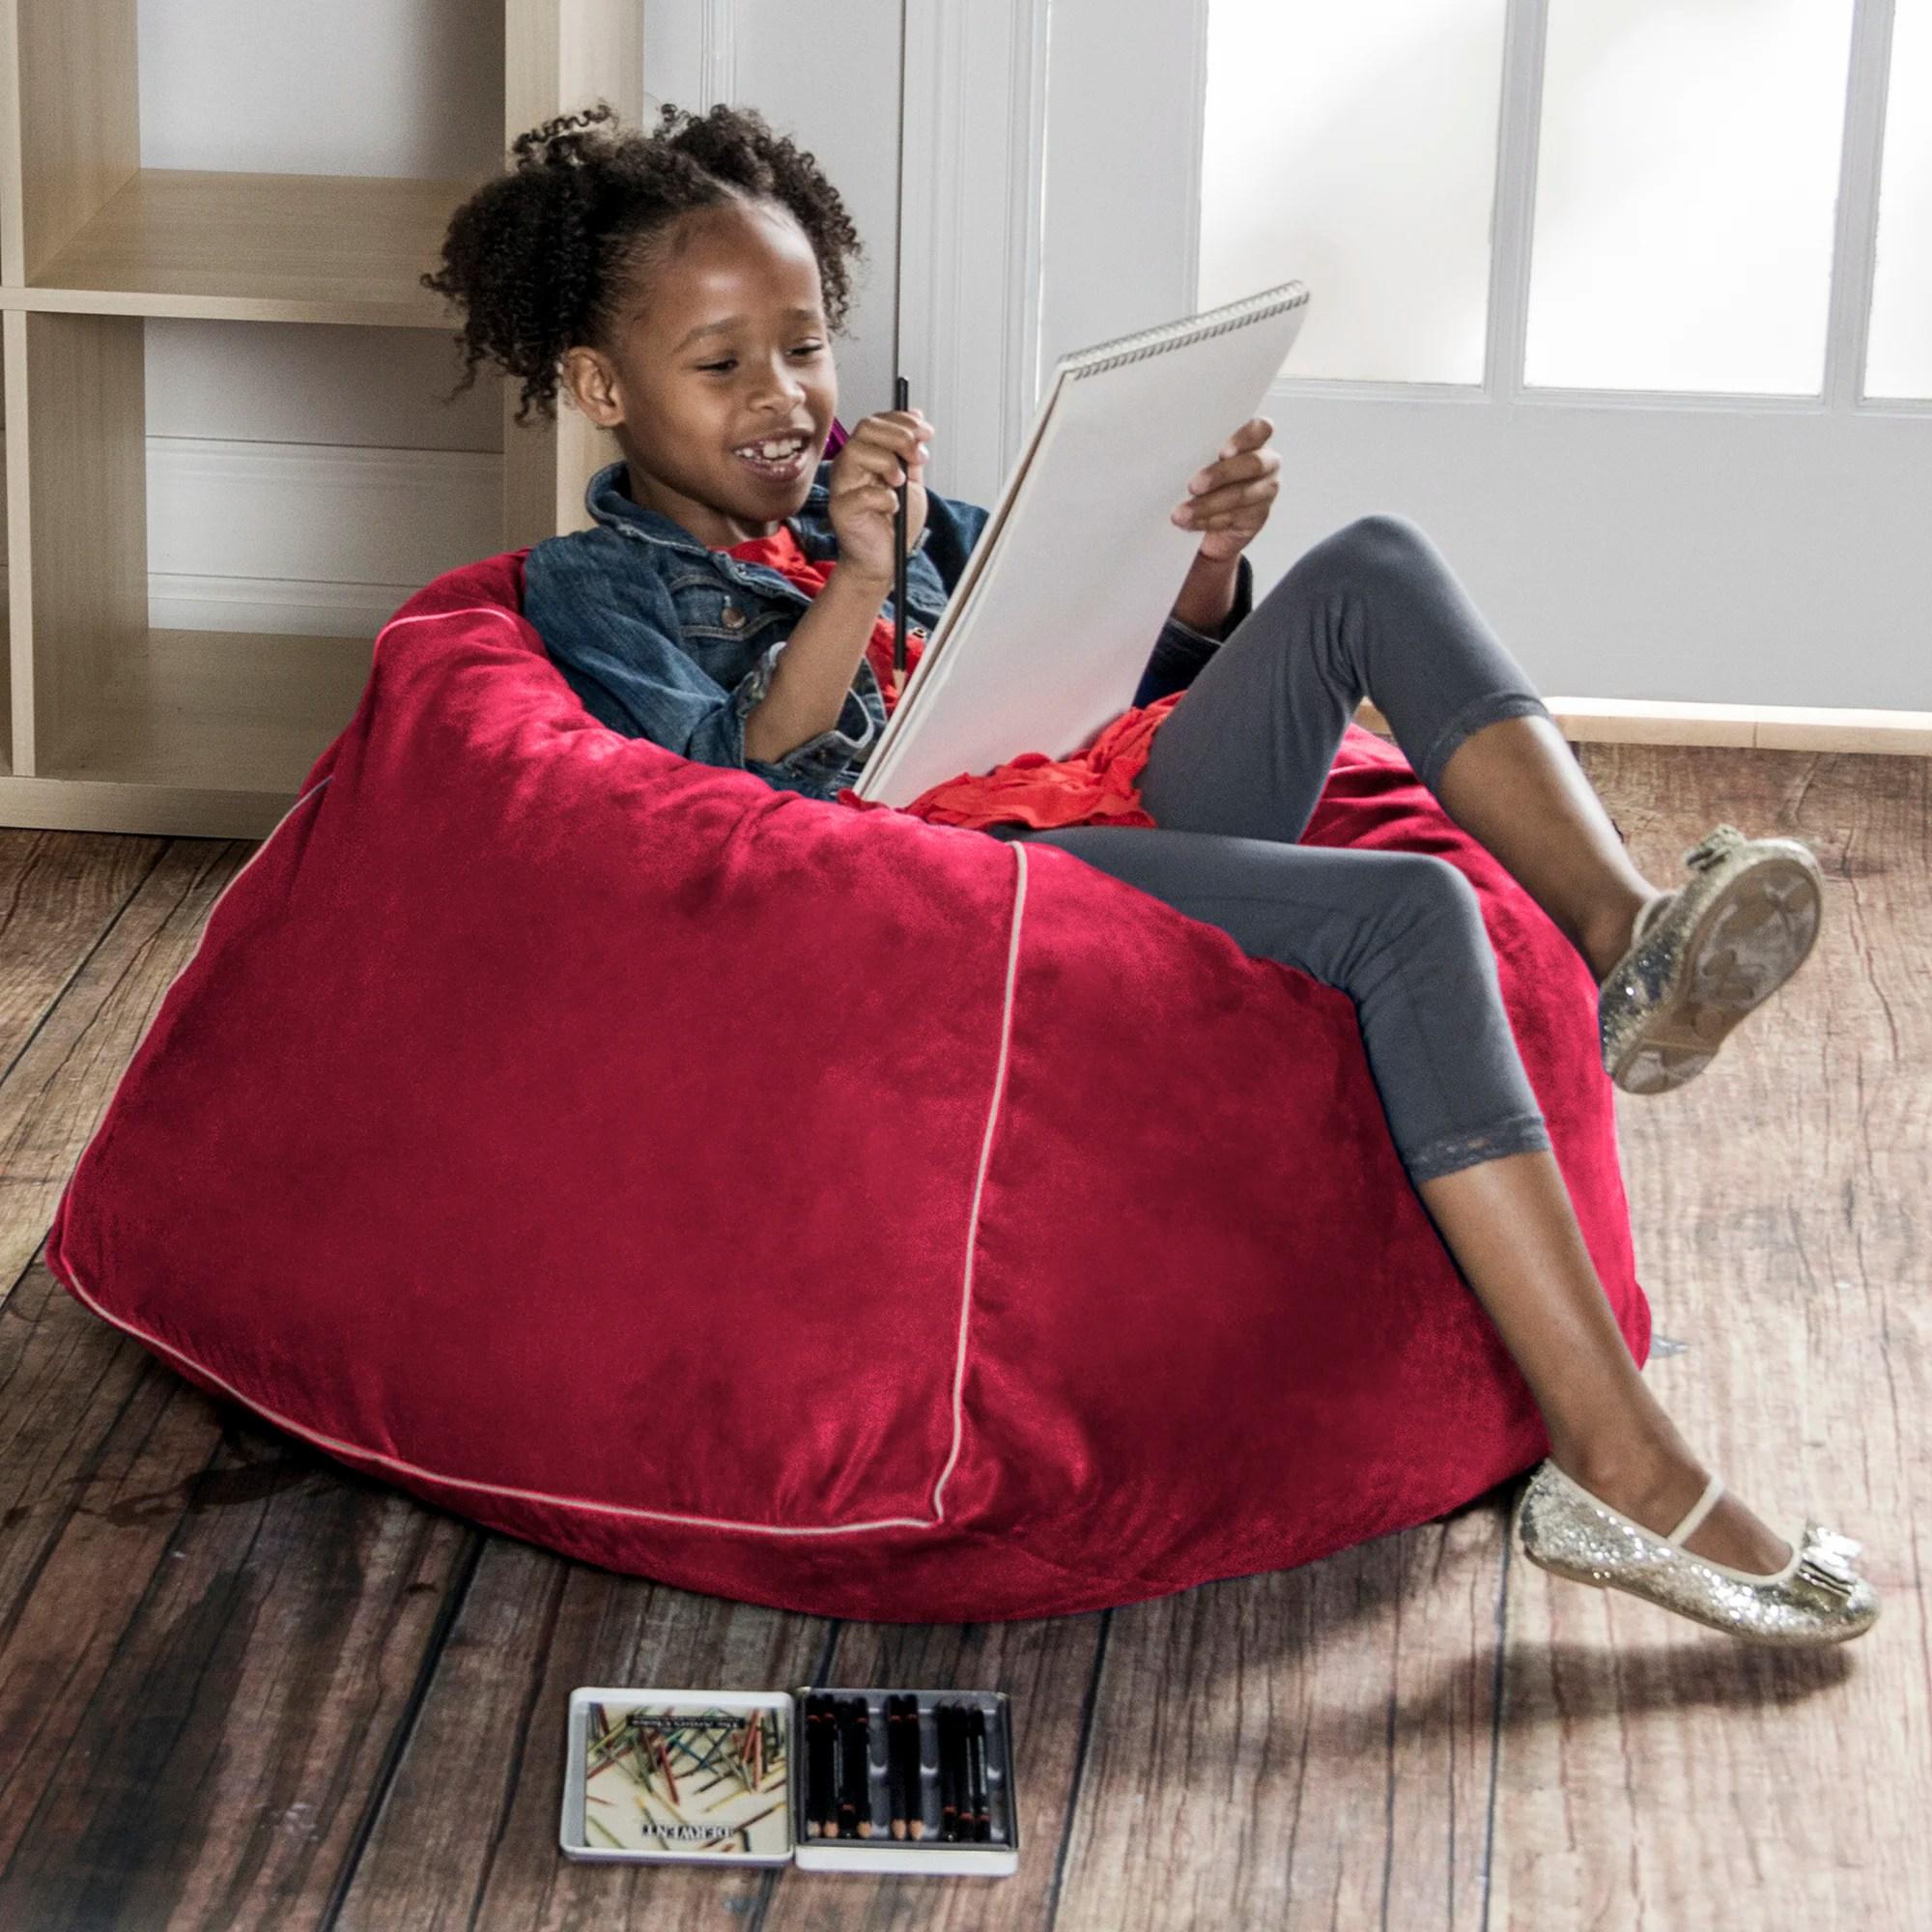 jaxx bean bag chairs global furniture task office chair reviews 2 5 39 kids club and wayfair